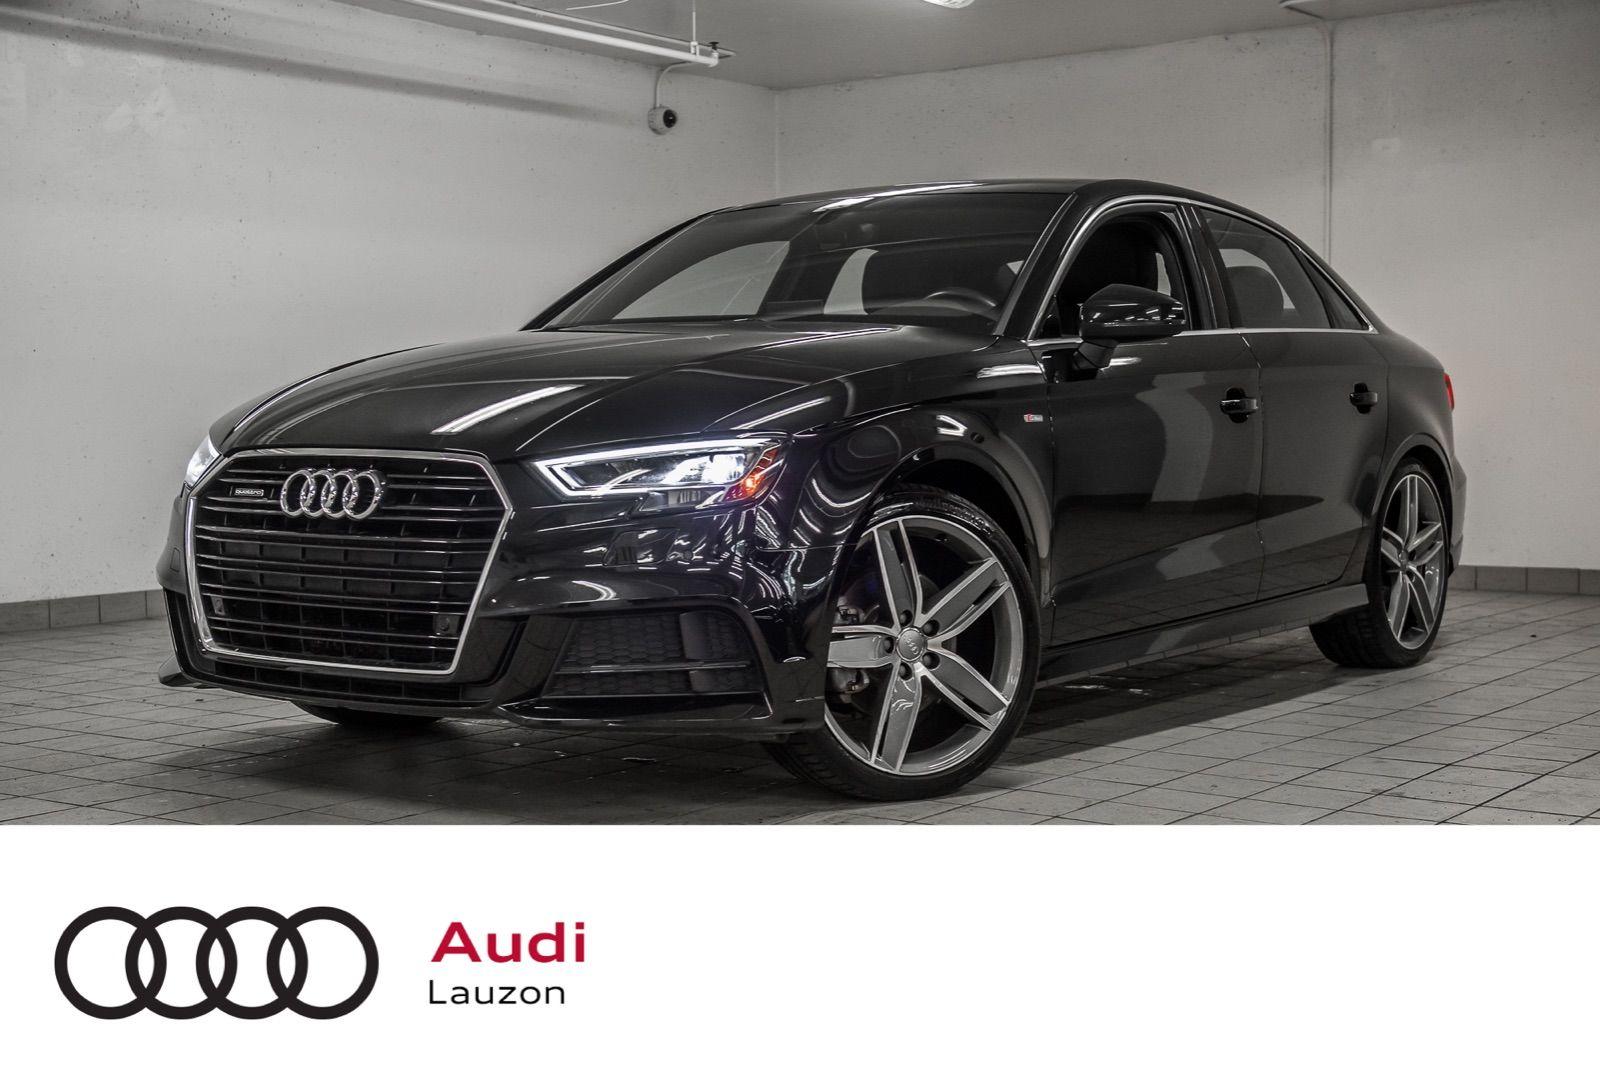 Audi Lauzon Pre Owned 2018 Audi A3 Sedan Progressiv Navigation S Line 19 Pouces For Sale In Laval